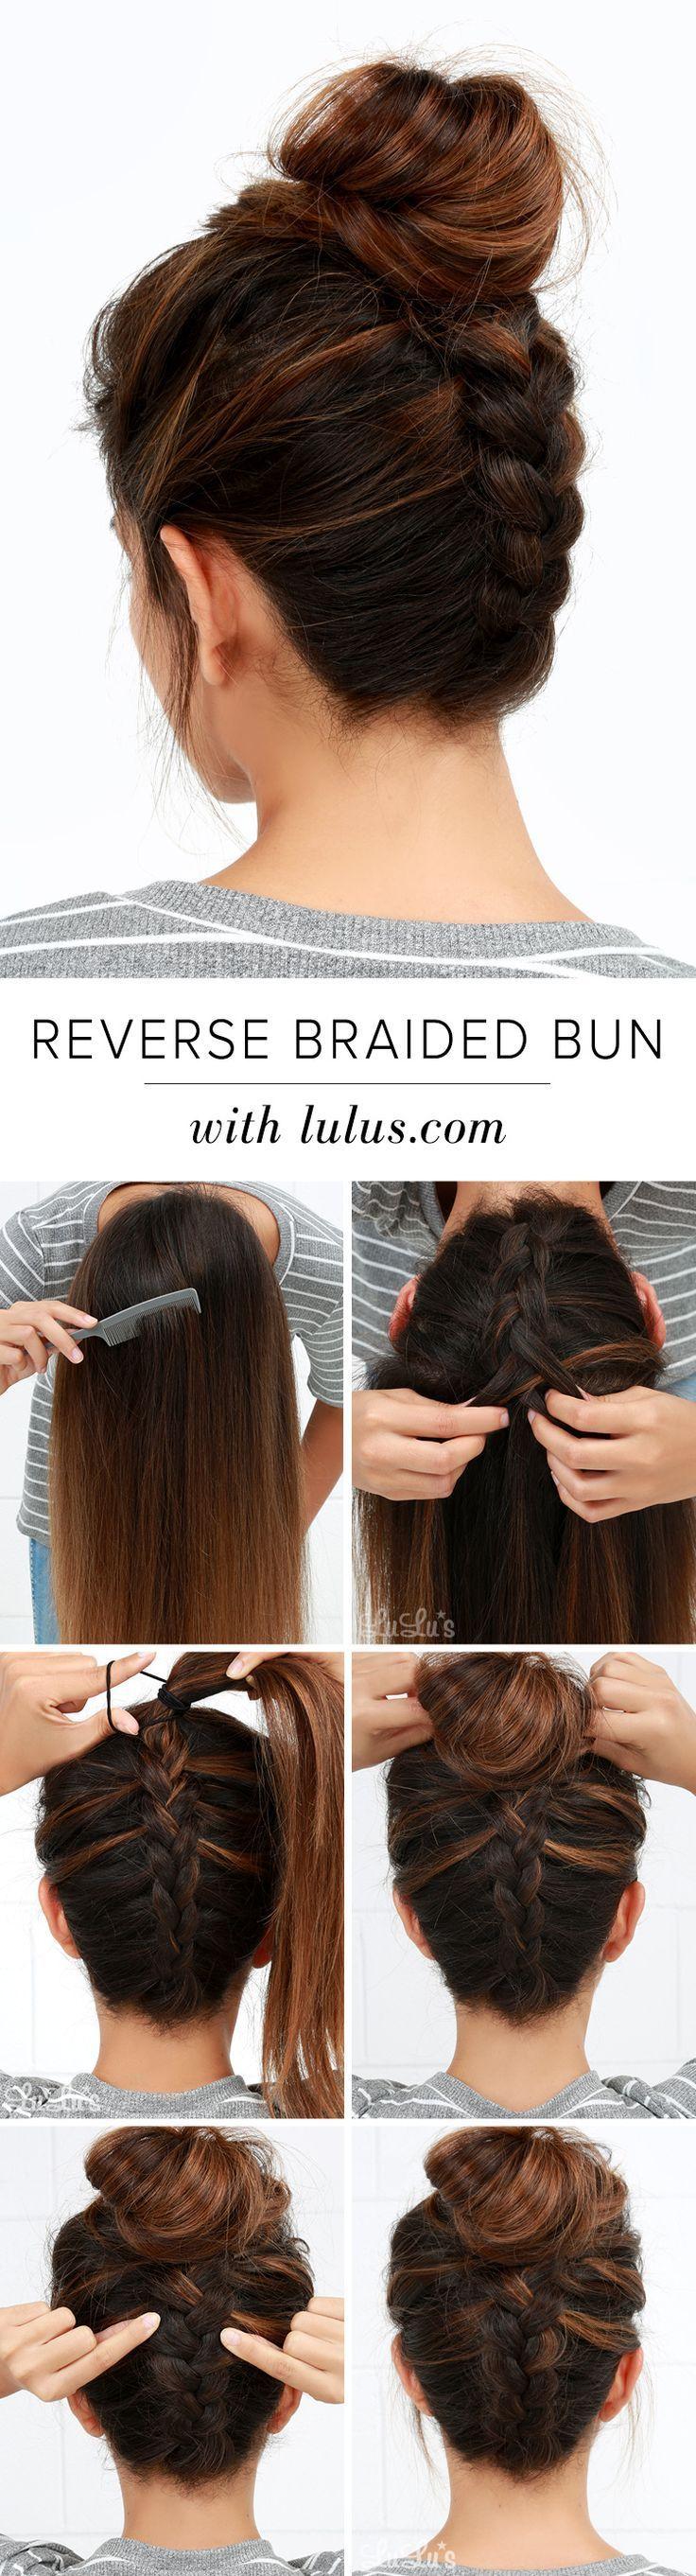 274 best Hair images on Pinterest